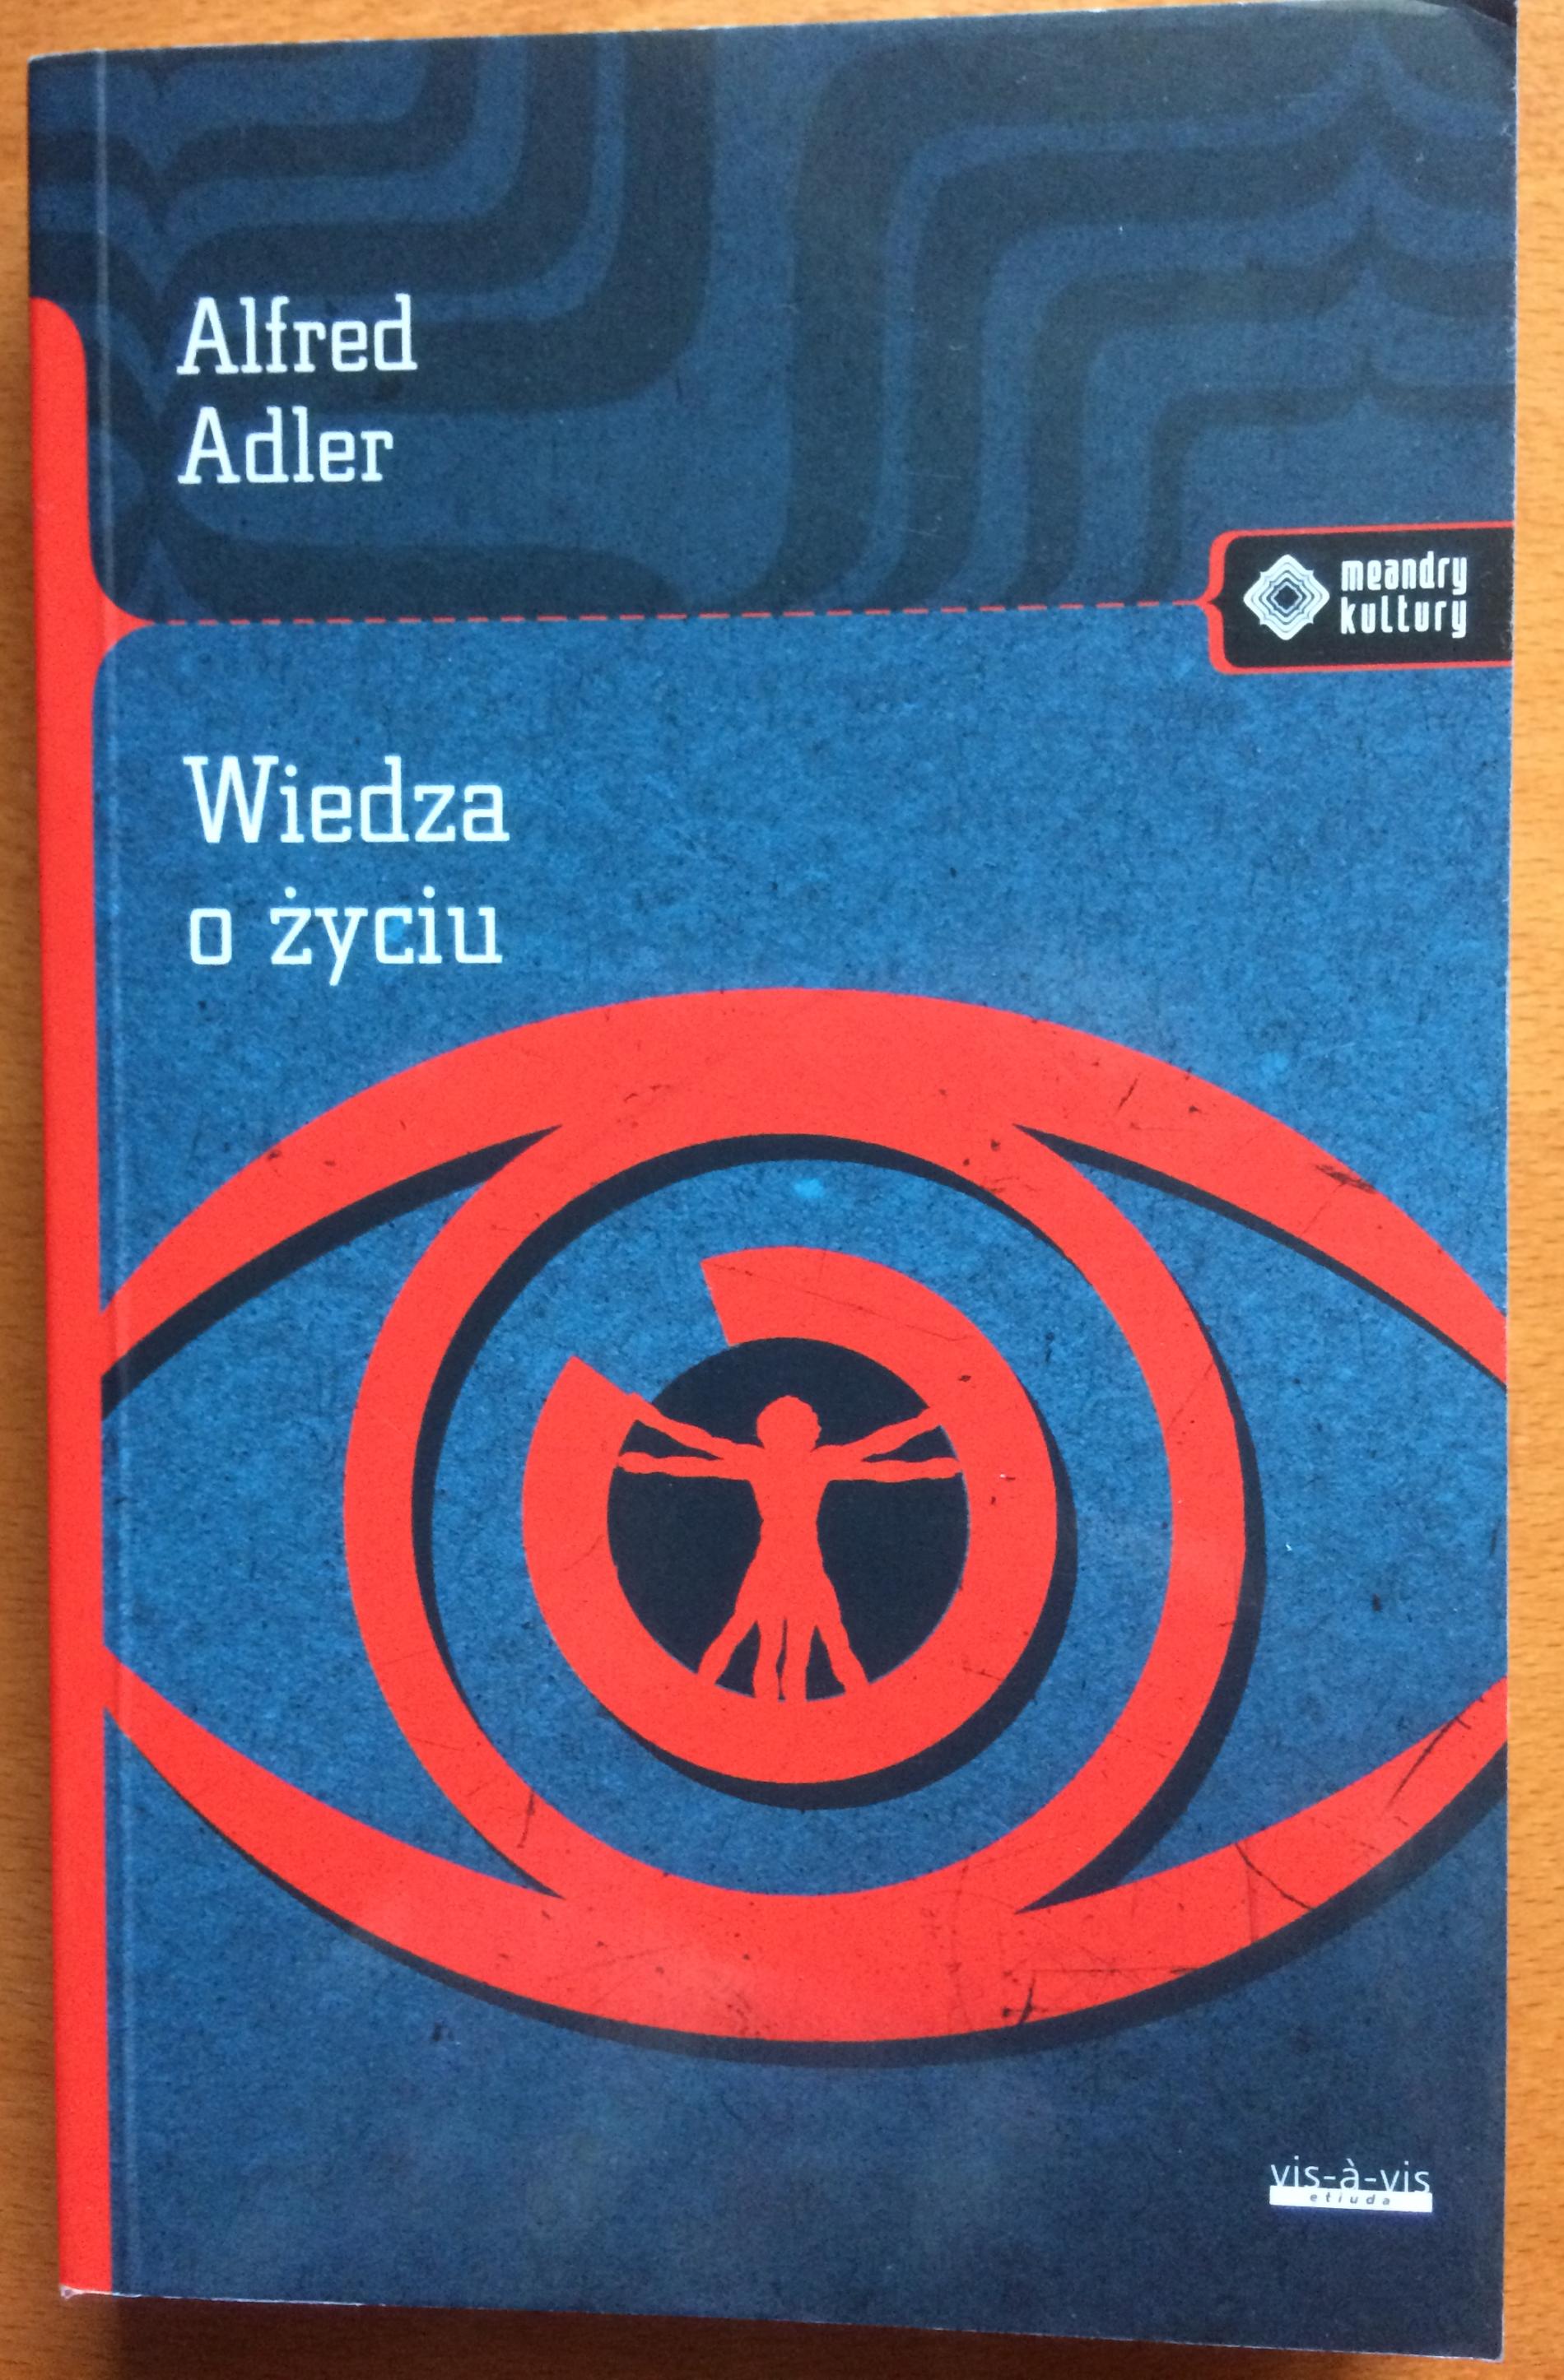 """Wiedza zamiast opinii; Alfred Adler """"Wiedza o życiu"""""""